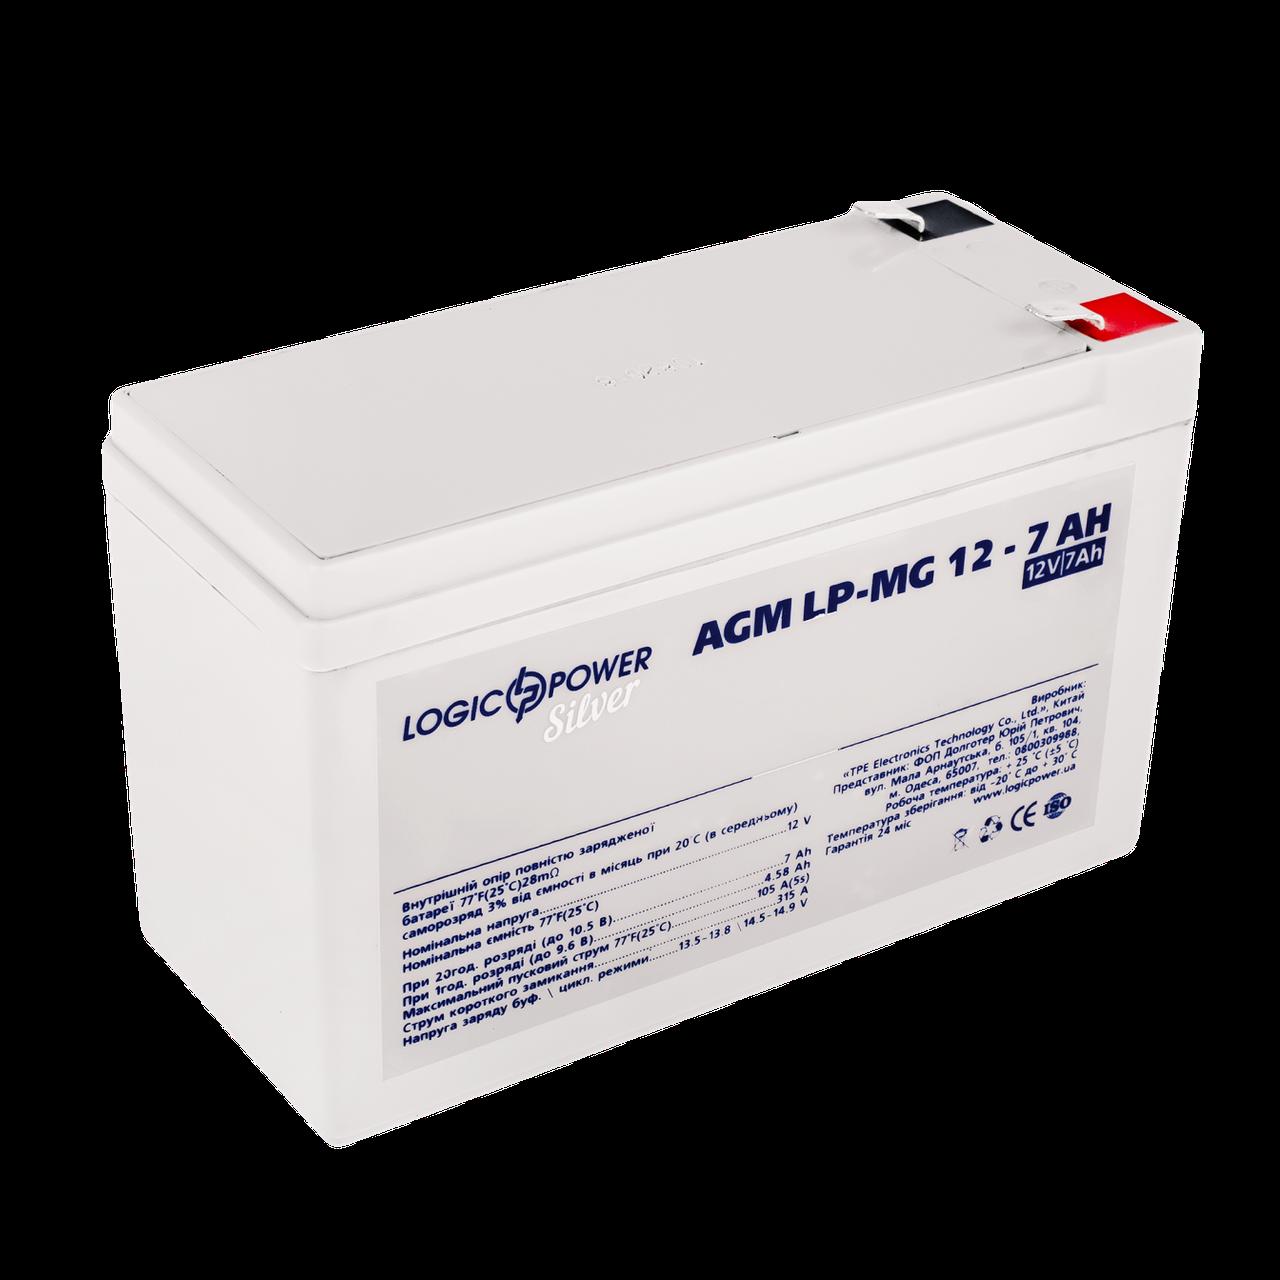 Аккумулятор мультигелевый AGM LogicPower LP-MG 12 - 7 AH